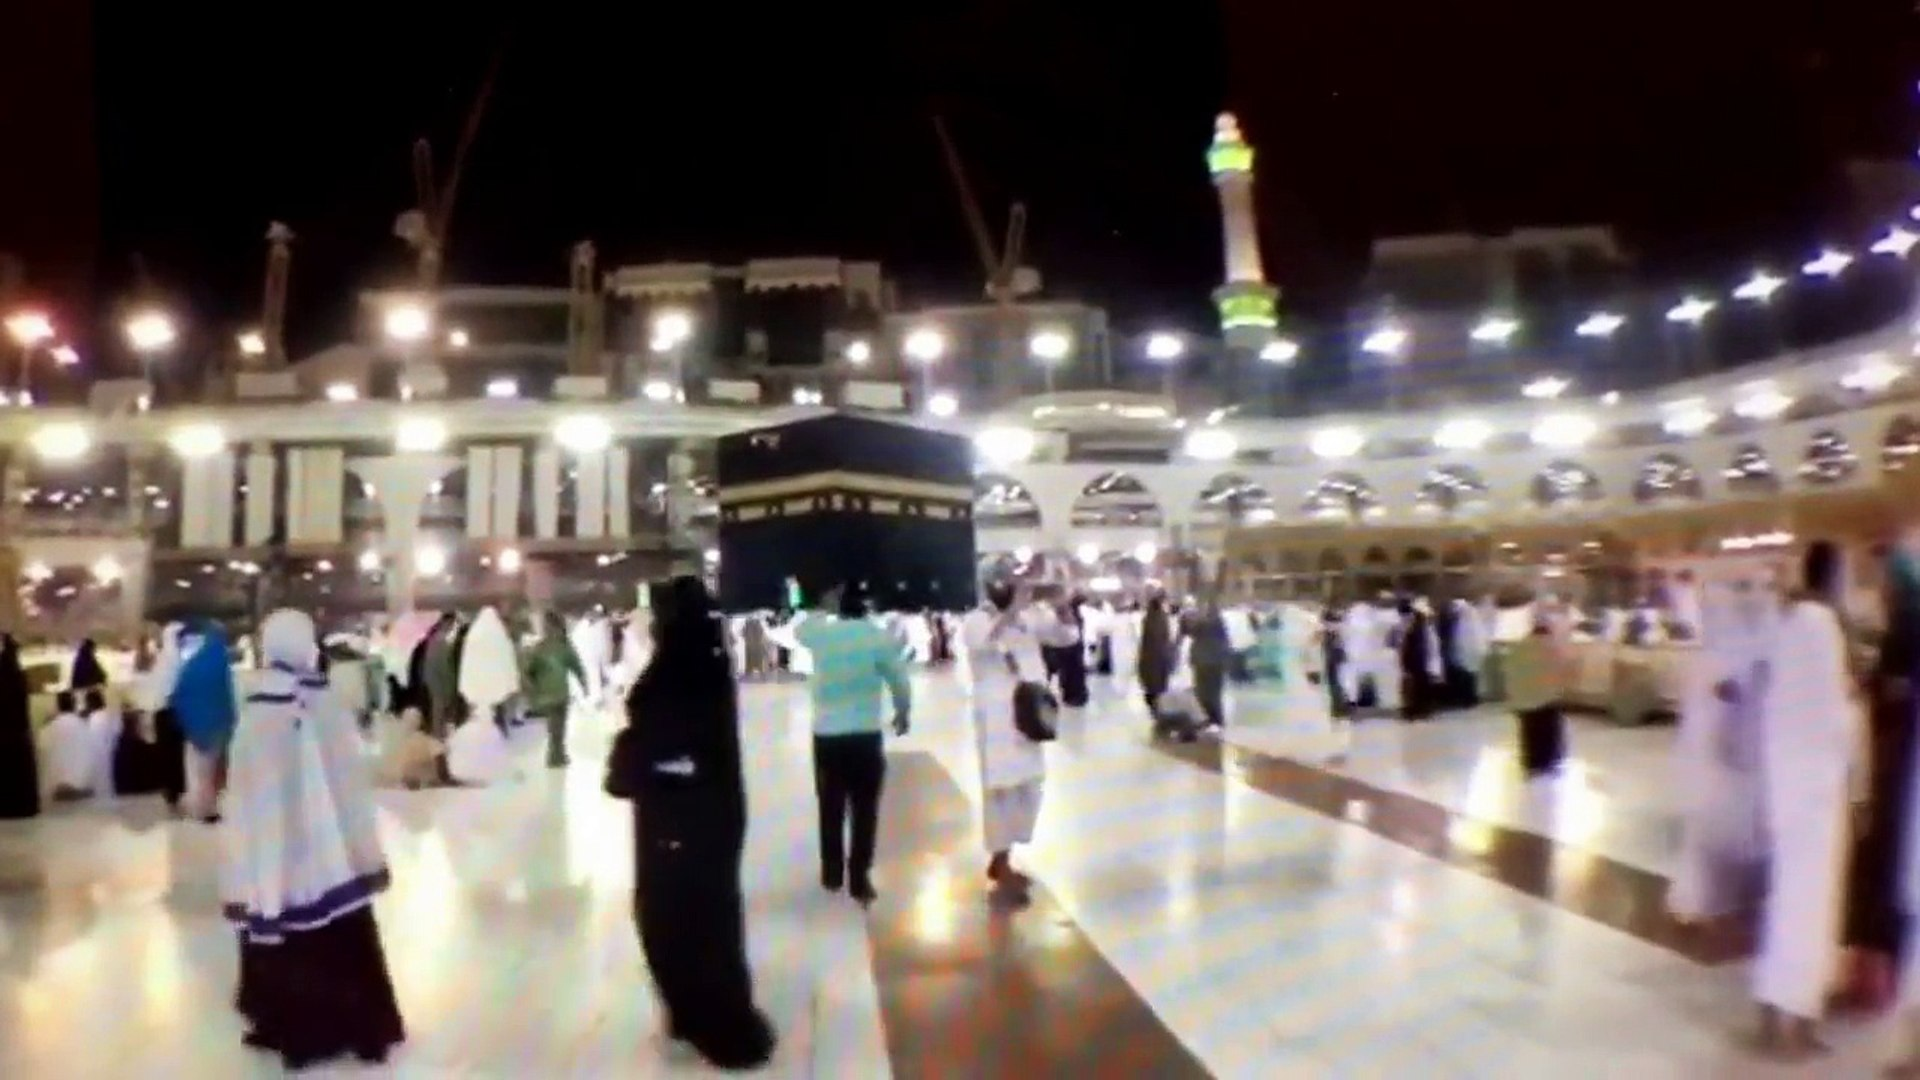 Metin Demirtas. Kabe de kamet. Iqamat al salah. Kabe muezzini taklidi. Sheikh Ali Mullah makami. Kab